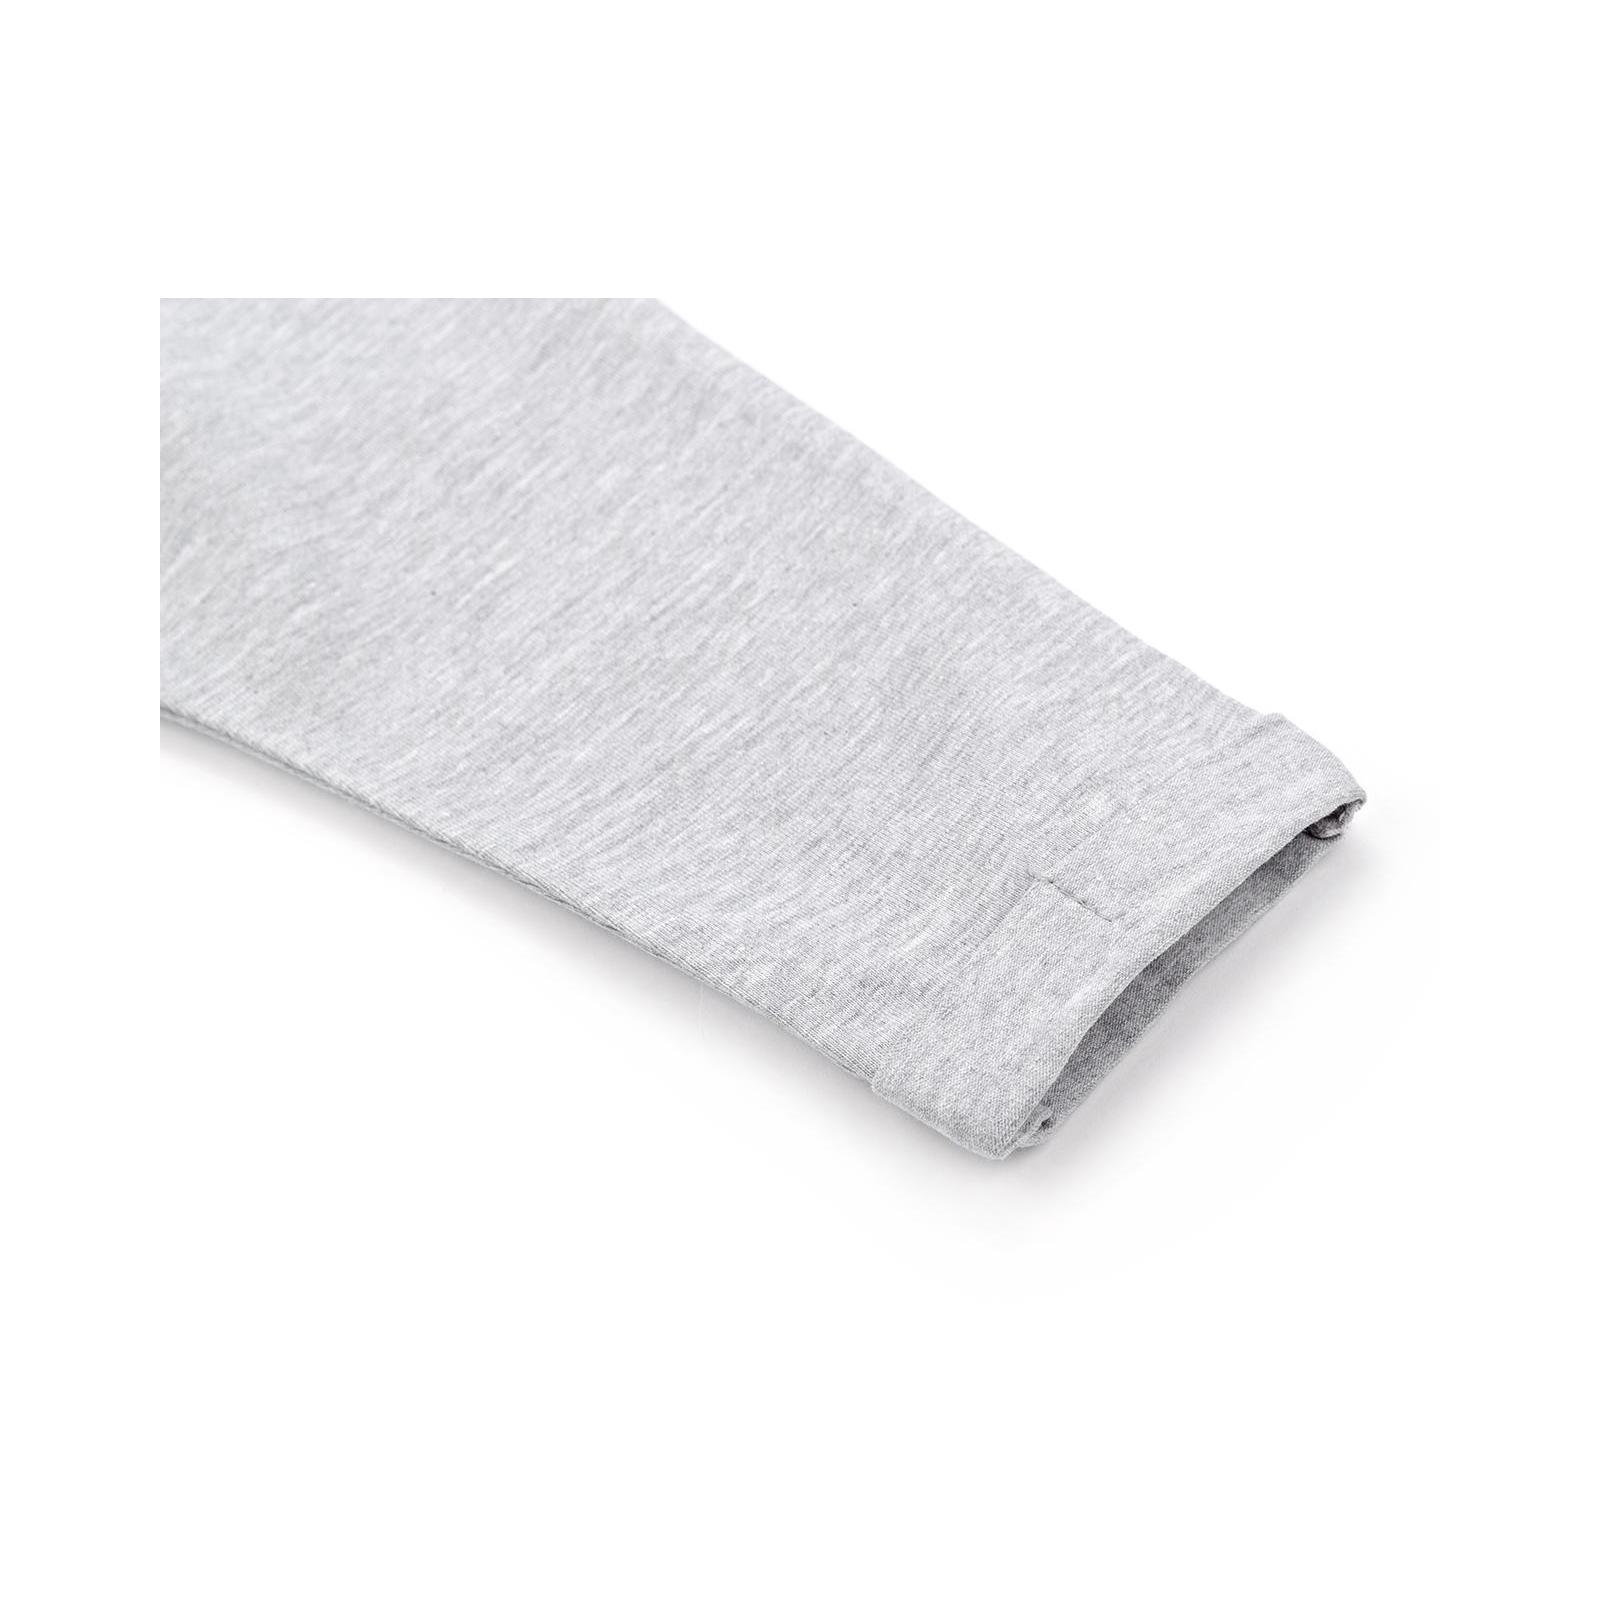 Штаны детские Breeze с бантом (10704-98G-gray) изображение 5